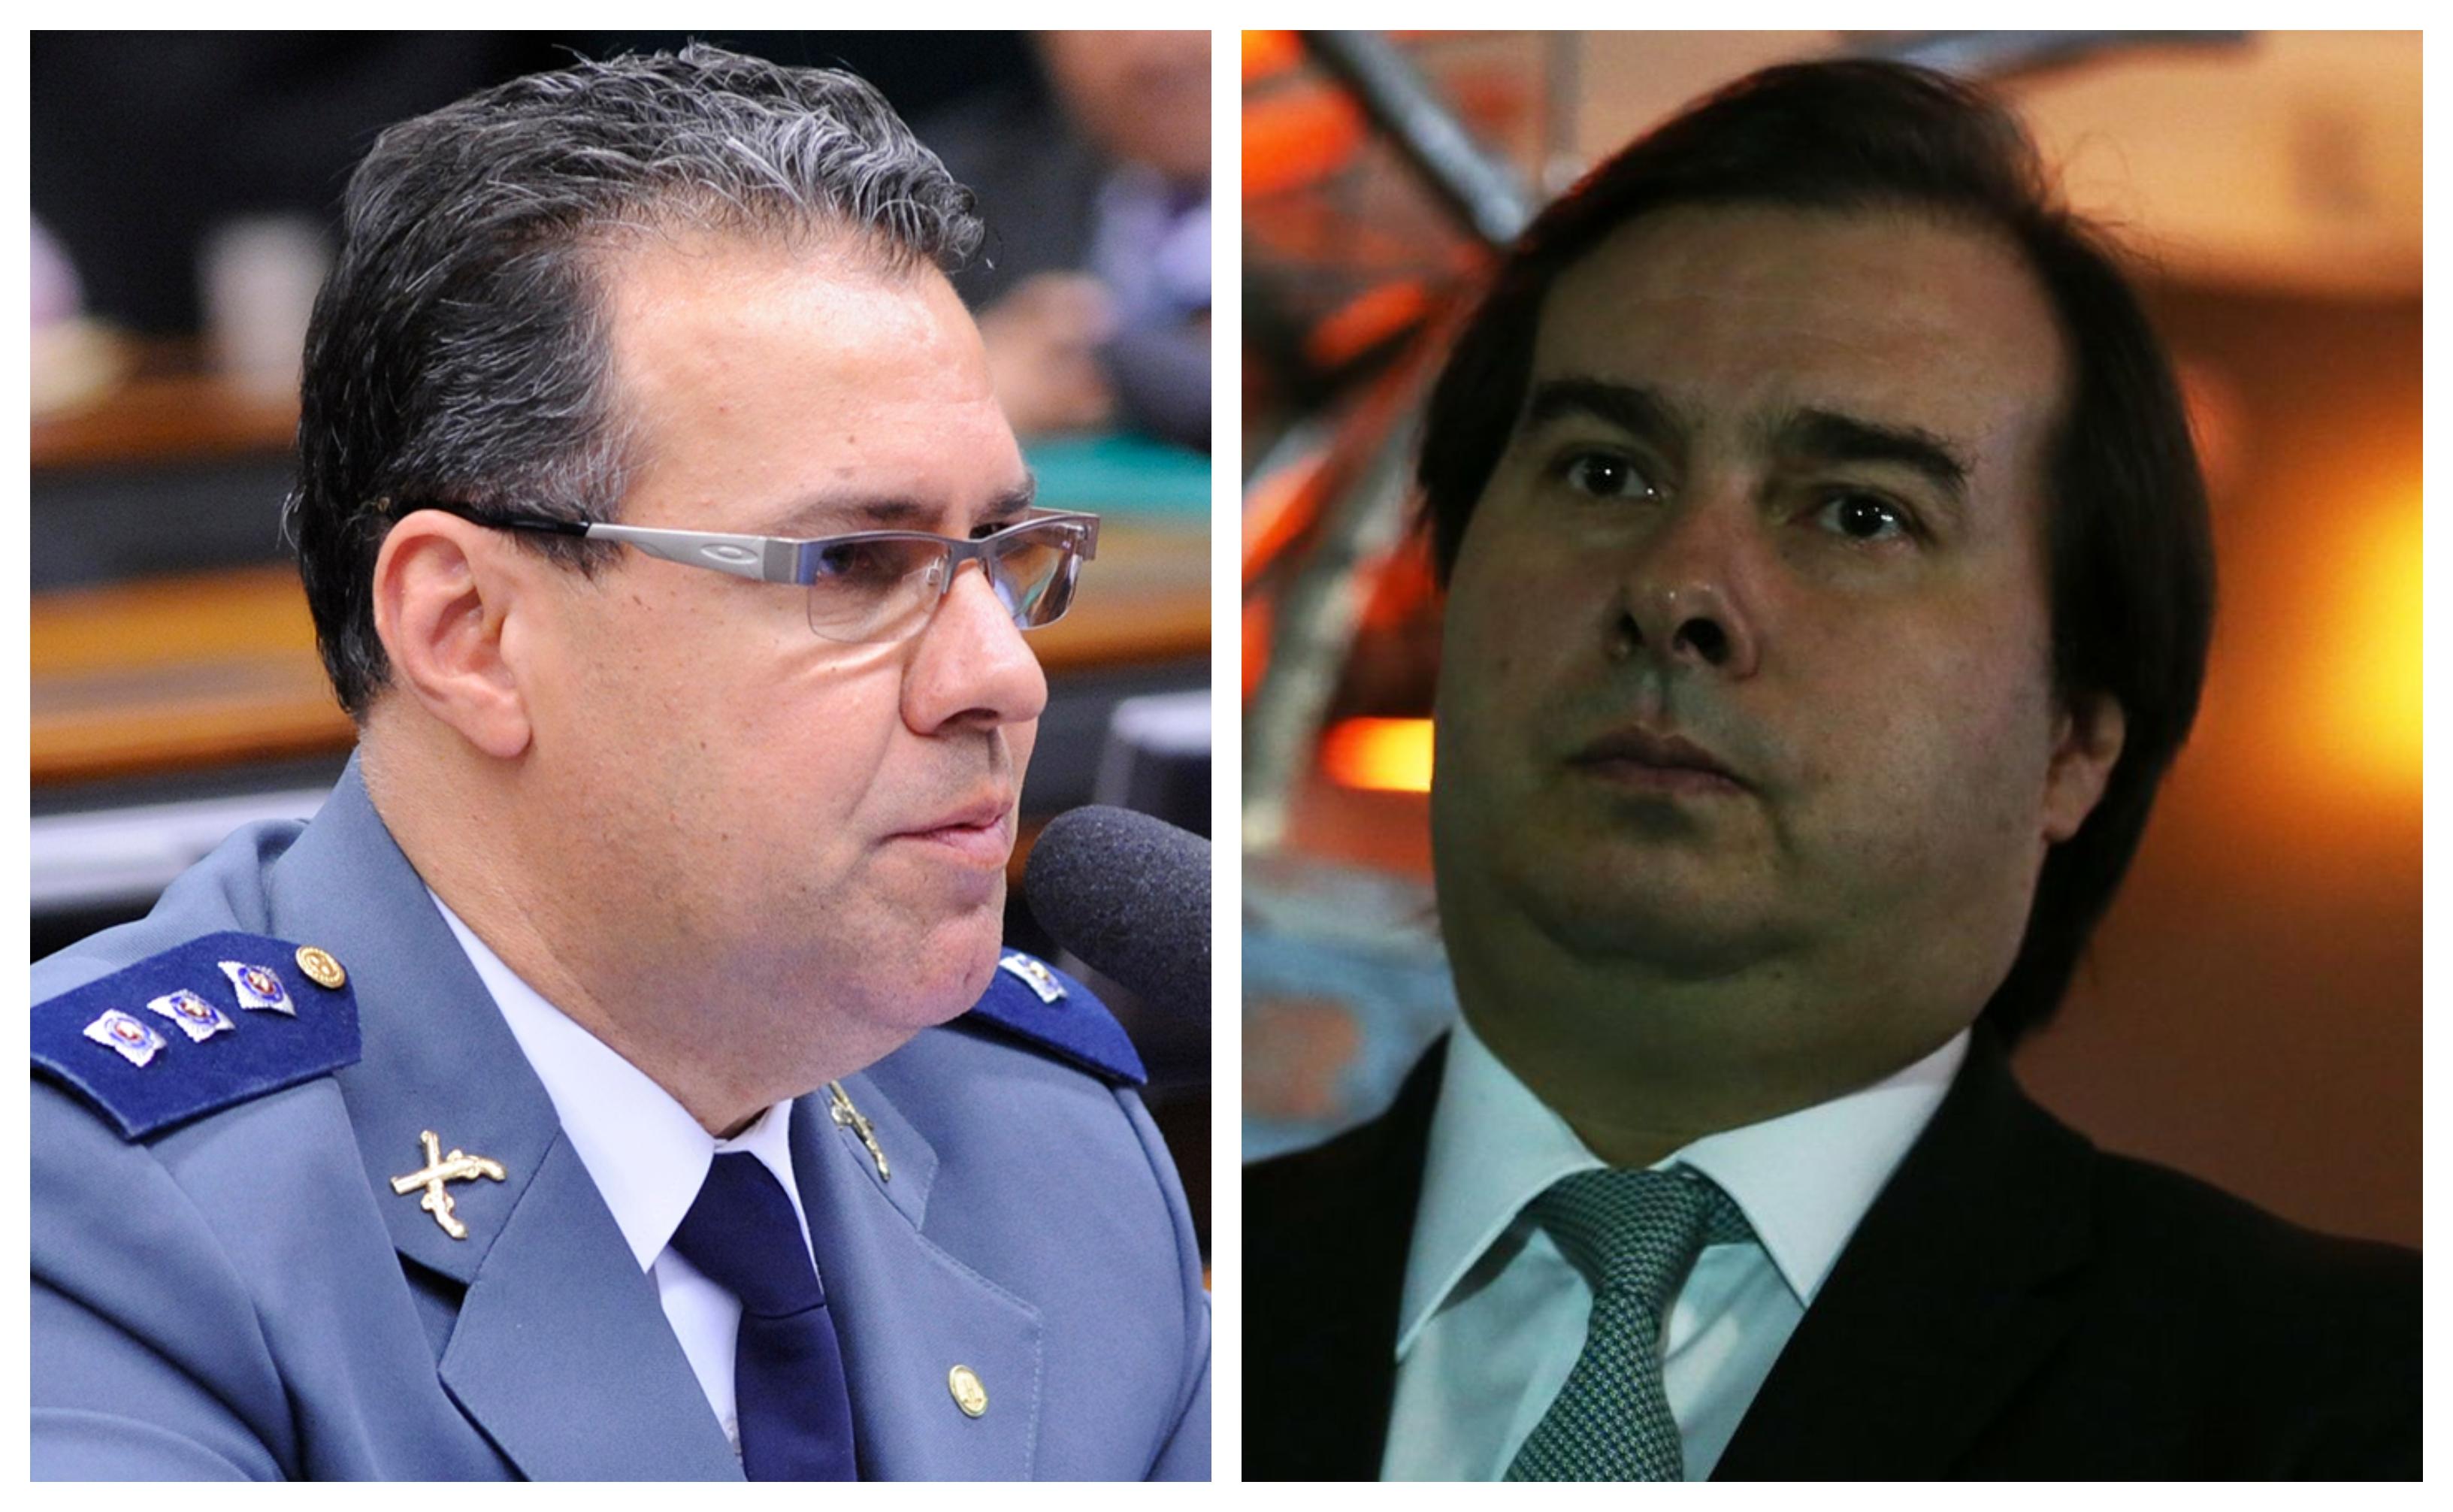 Aliados de Bolsonaro já começaram a brigar pela presidência da Câmara - Reprodução/José Cruz/Agência Brasil